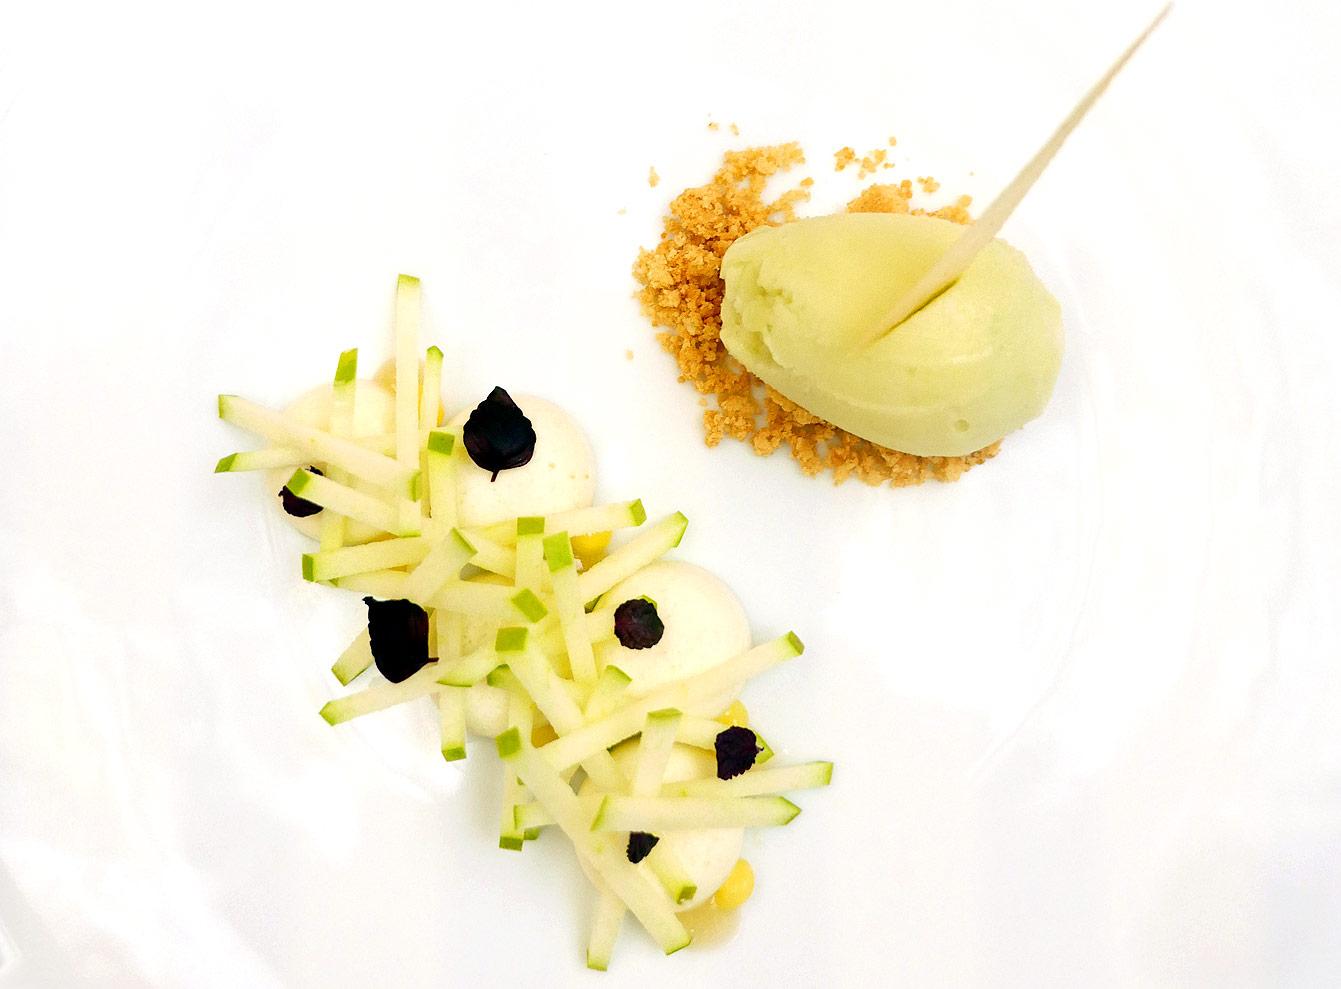 Fruits de saison : pomme Granny Smith, ache des montagnes et mousse de pomme verte, sorbet Granny Smith, hotel Vernet